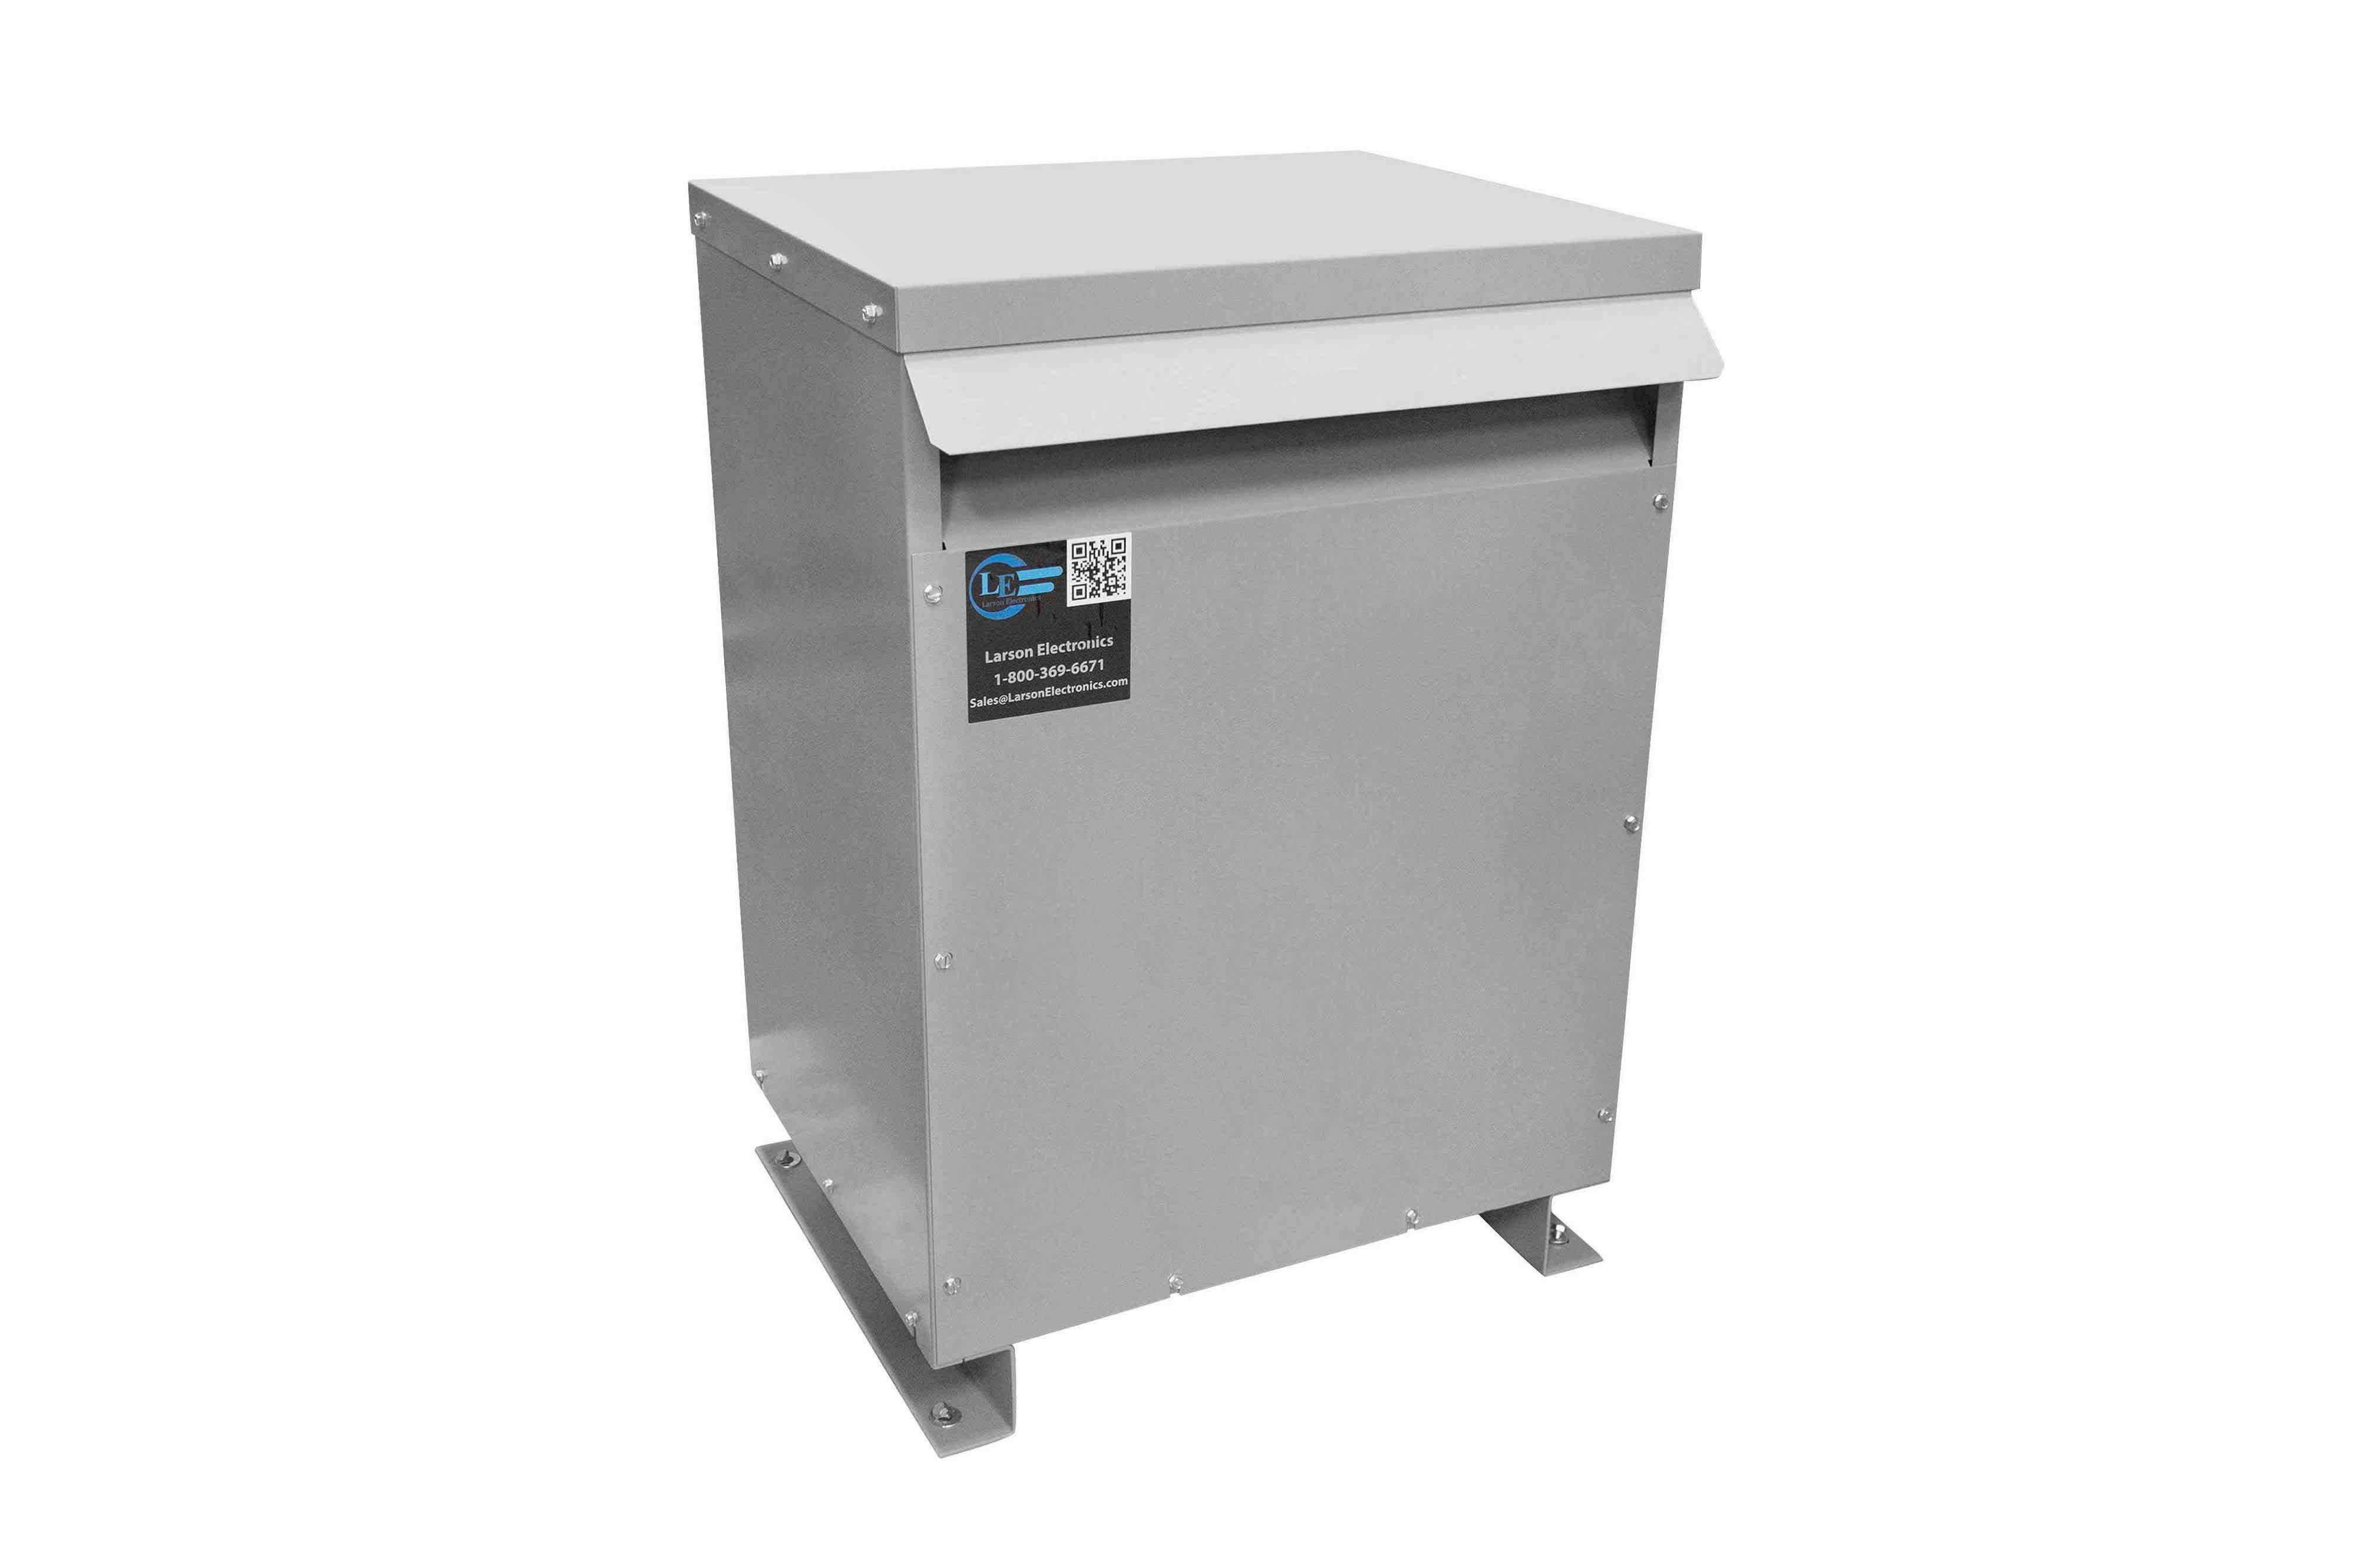 112.5 kVA 3PH Isolation Transformer, 400V Delta Primary, 600V Delta Secondary, N3R, Ventilated, 60 Hz